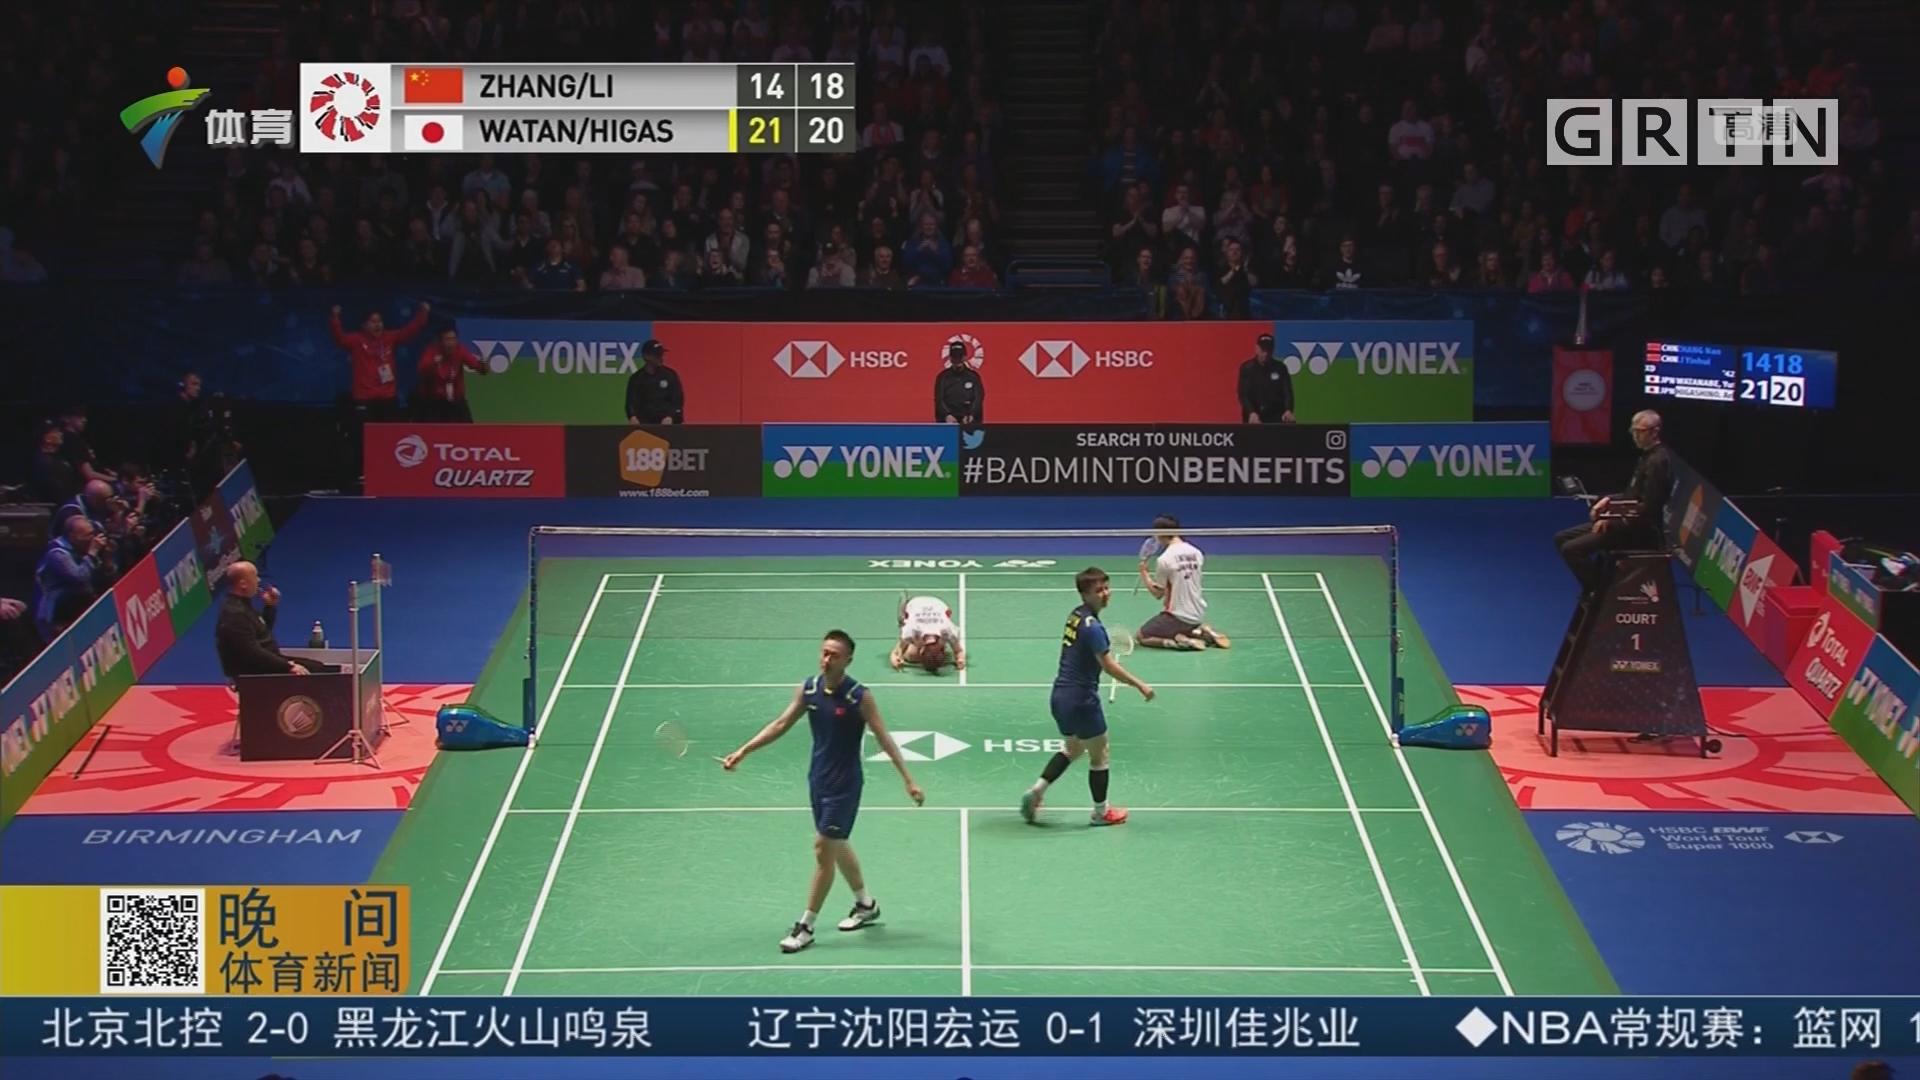 张楠、李茵晖不敌日本选手 止步四强